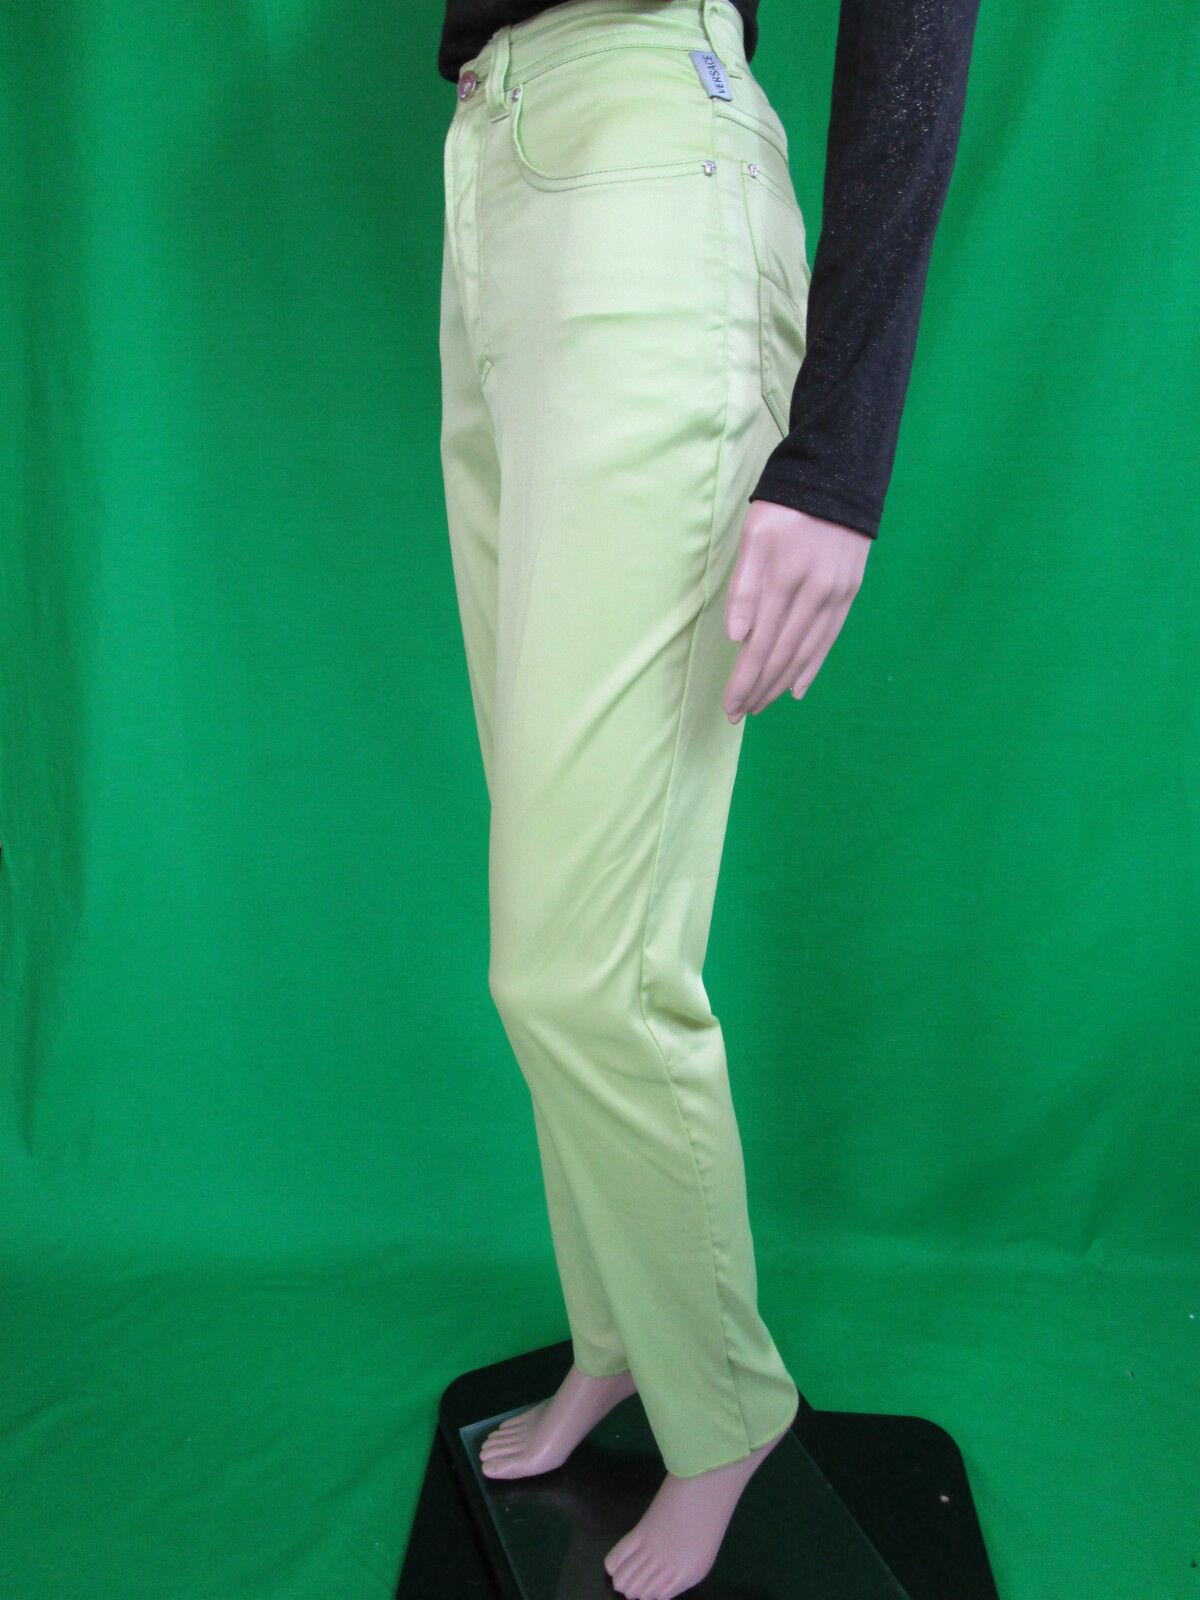 VERSACE Woman New Sexy High Waist Casual Casual Casual Design Grün Lux Trousers sz IT 24 AN97 | Deutschland Store  | Qualität Produkt  | Große Auswahl  165d04